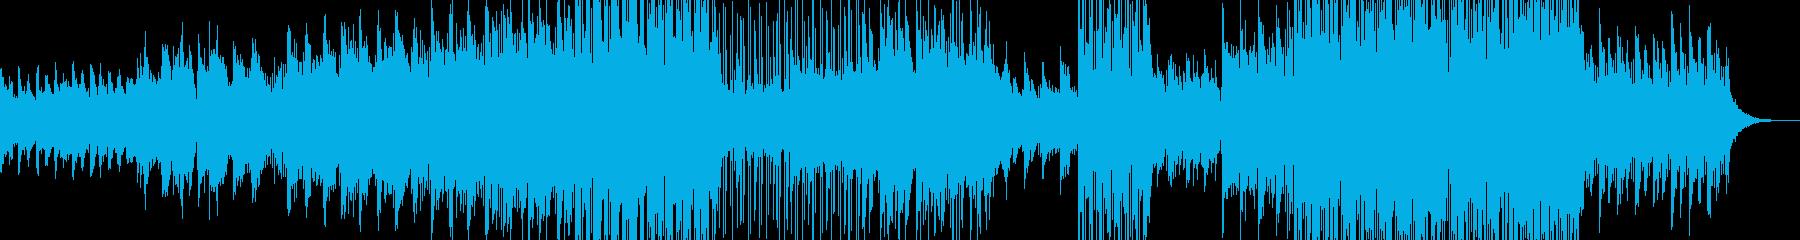 幻想的な夜明けをイメージ・後半ポップスの再生済みの波形